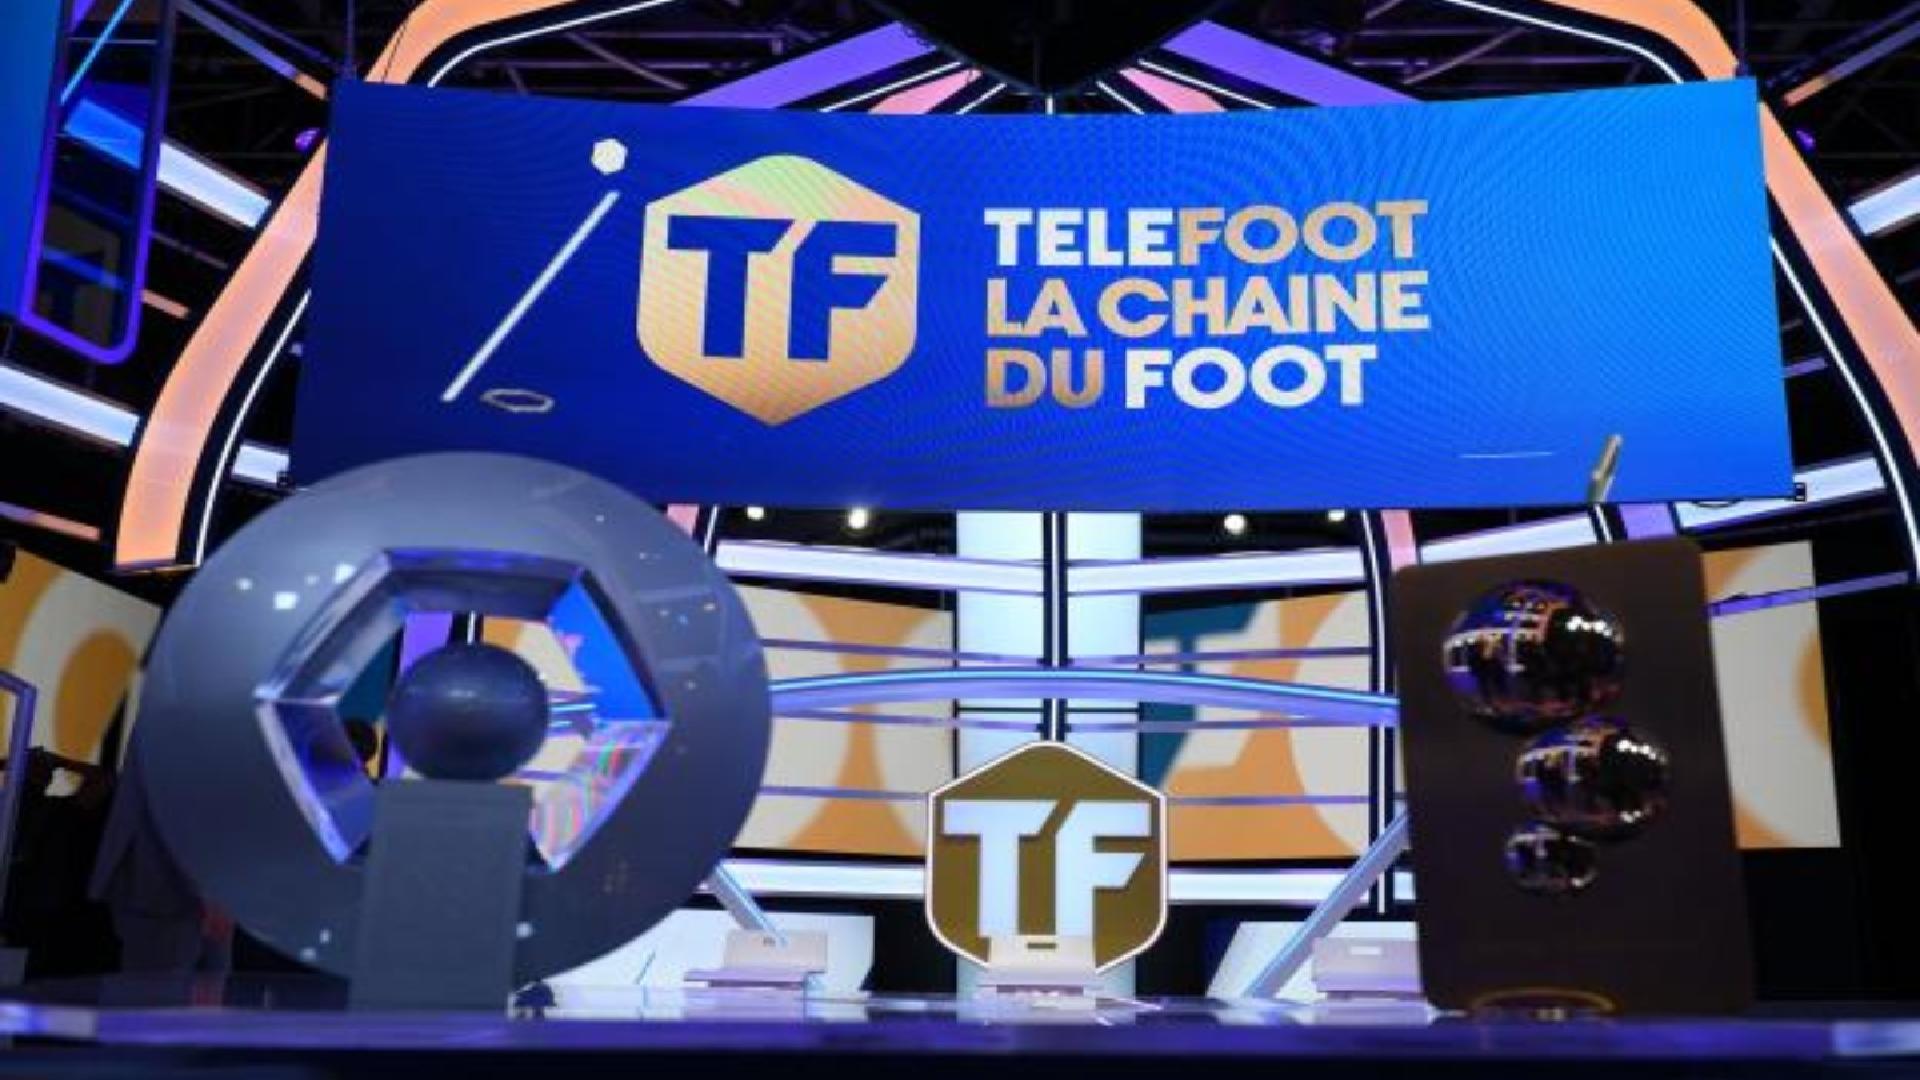 FRANCE : La chaîne Téléfoot ferme ses portes